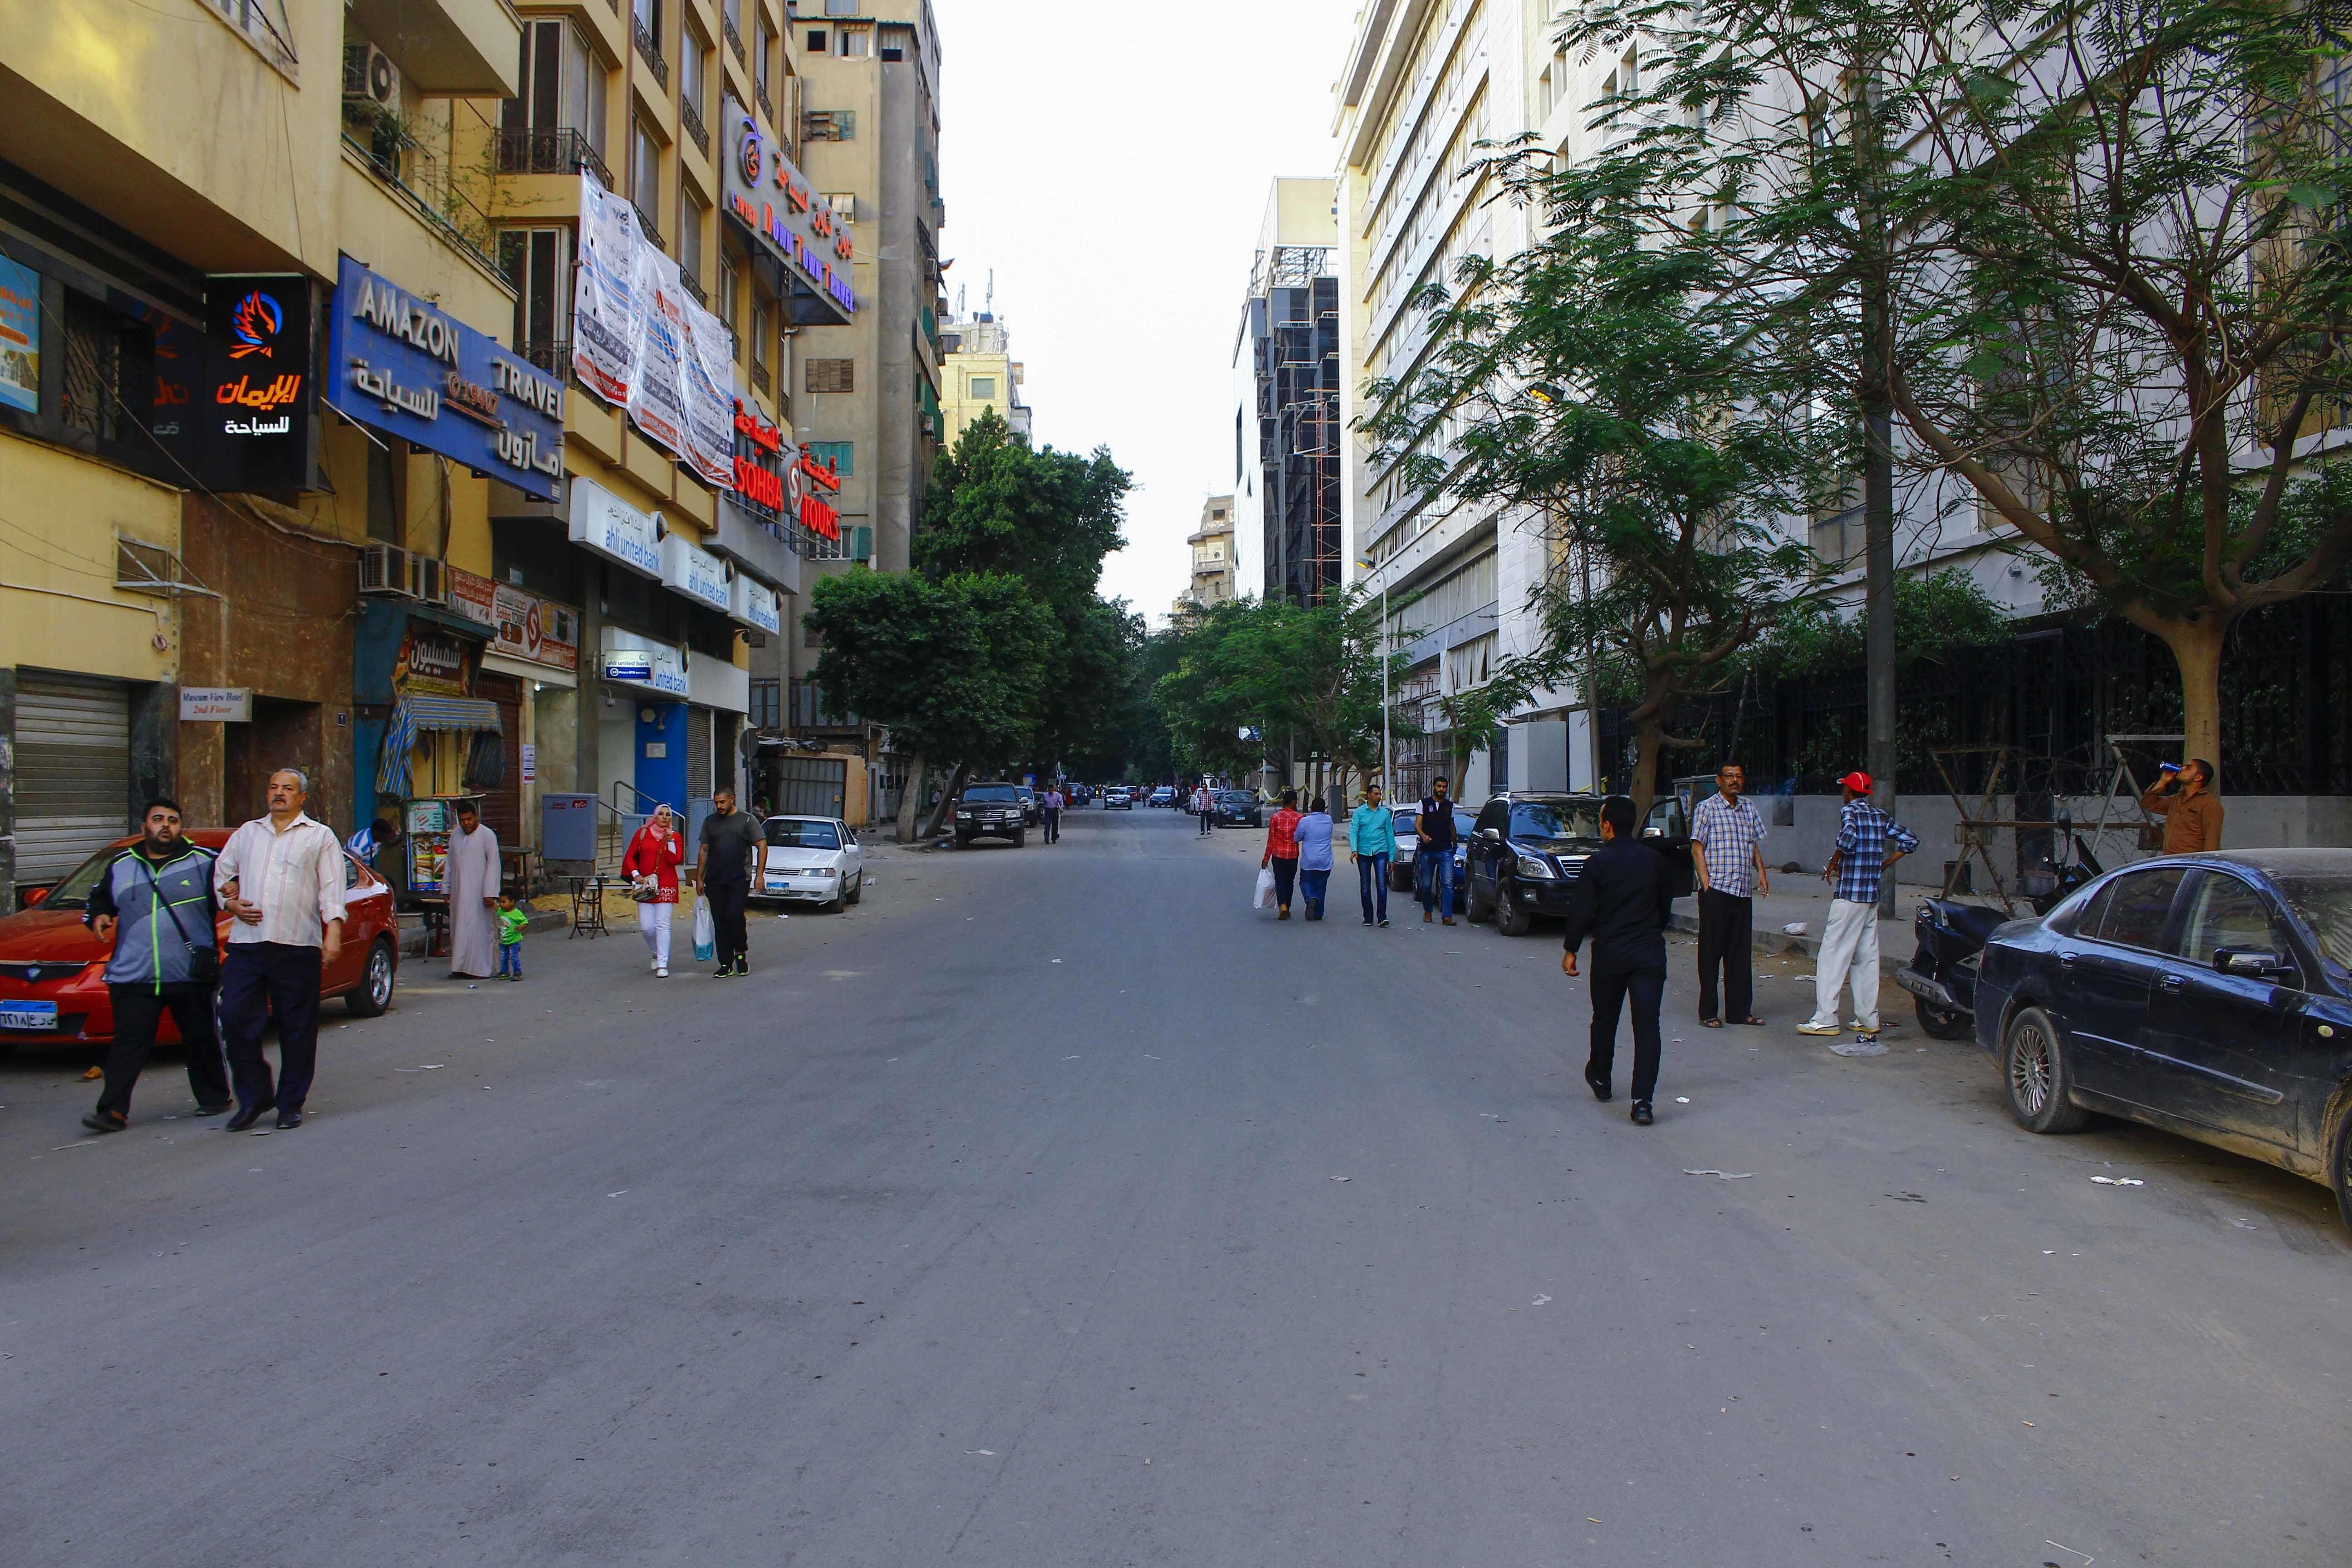 شارع شامبليون- تصوير: صديق البخشونجي